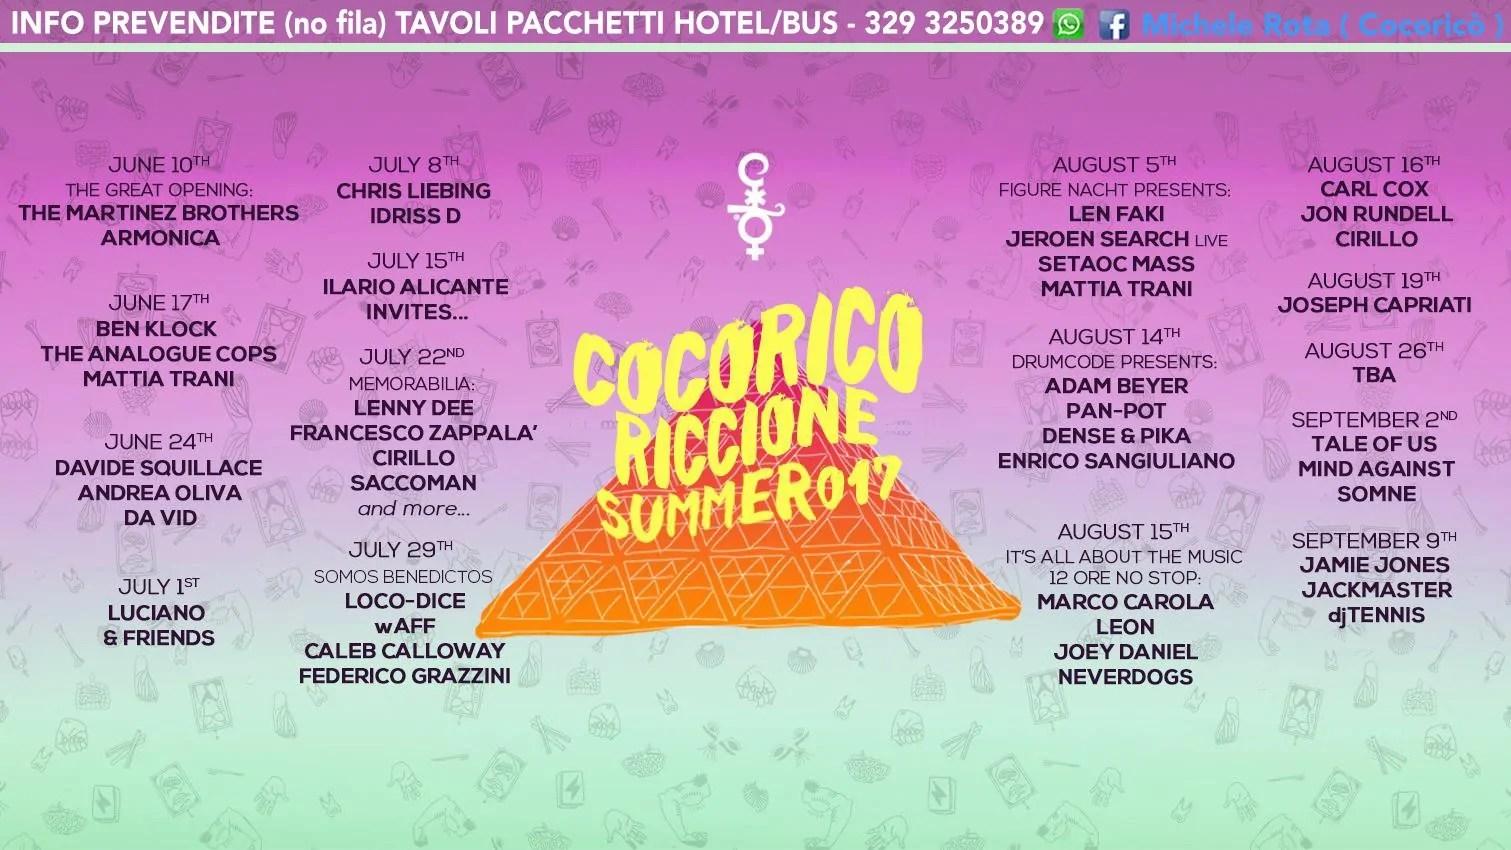 22 07 2017 MEMORABILIA AT COCORICÒ RICCIONE PREVENDITE + TICKET + TAVOLI + PACCHETTI HOTEL